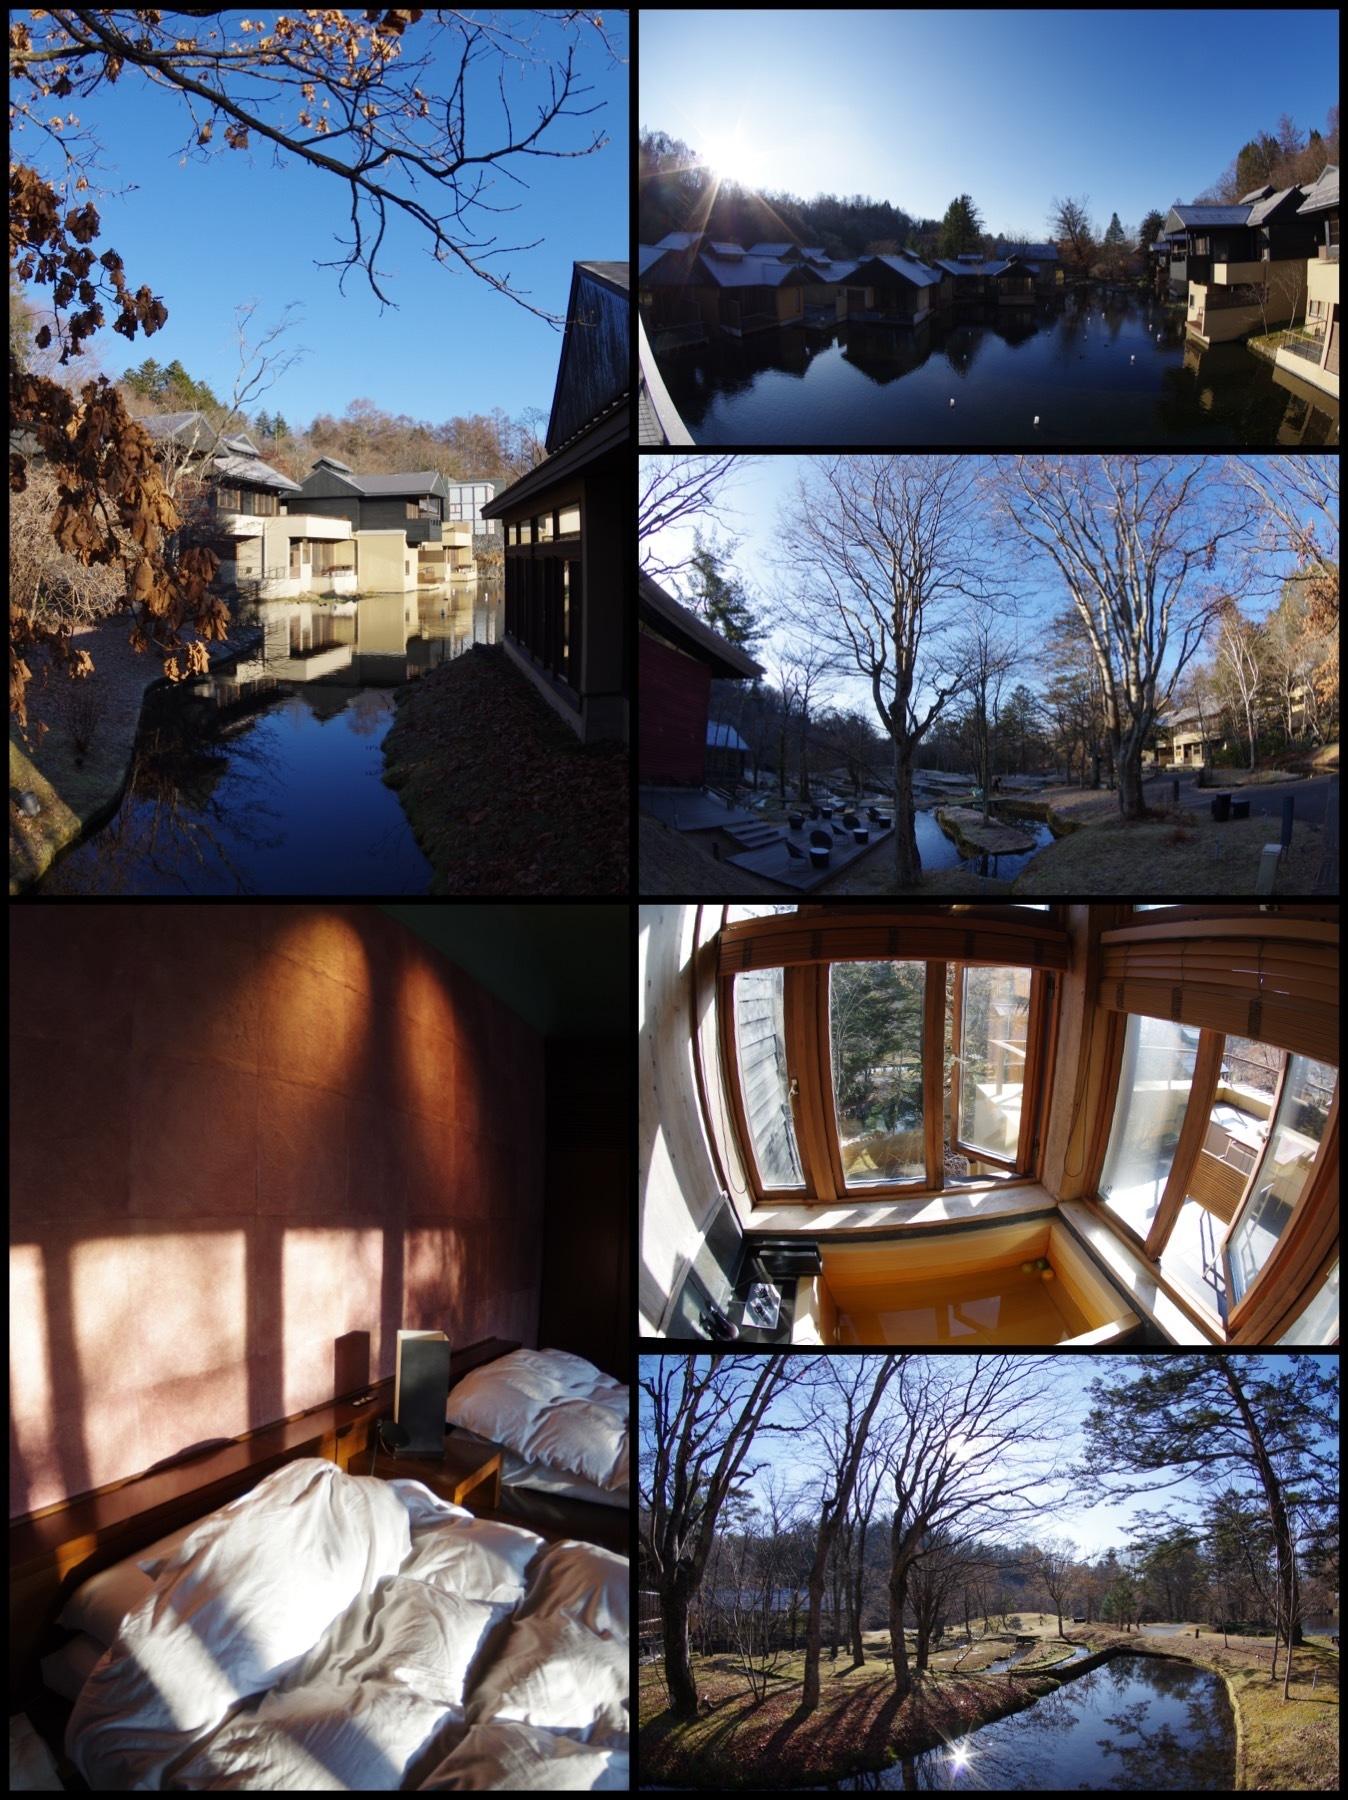 星のや軽井沢 山路地の部屋 宿泊